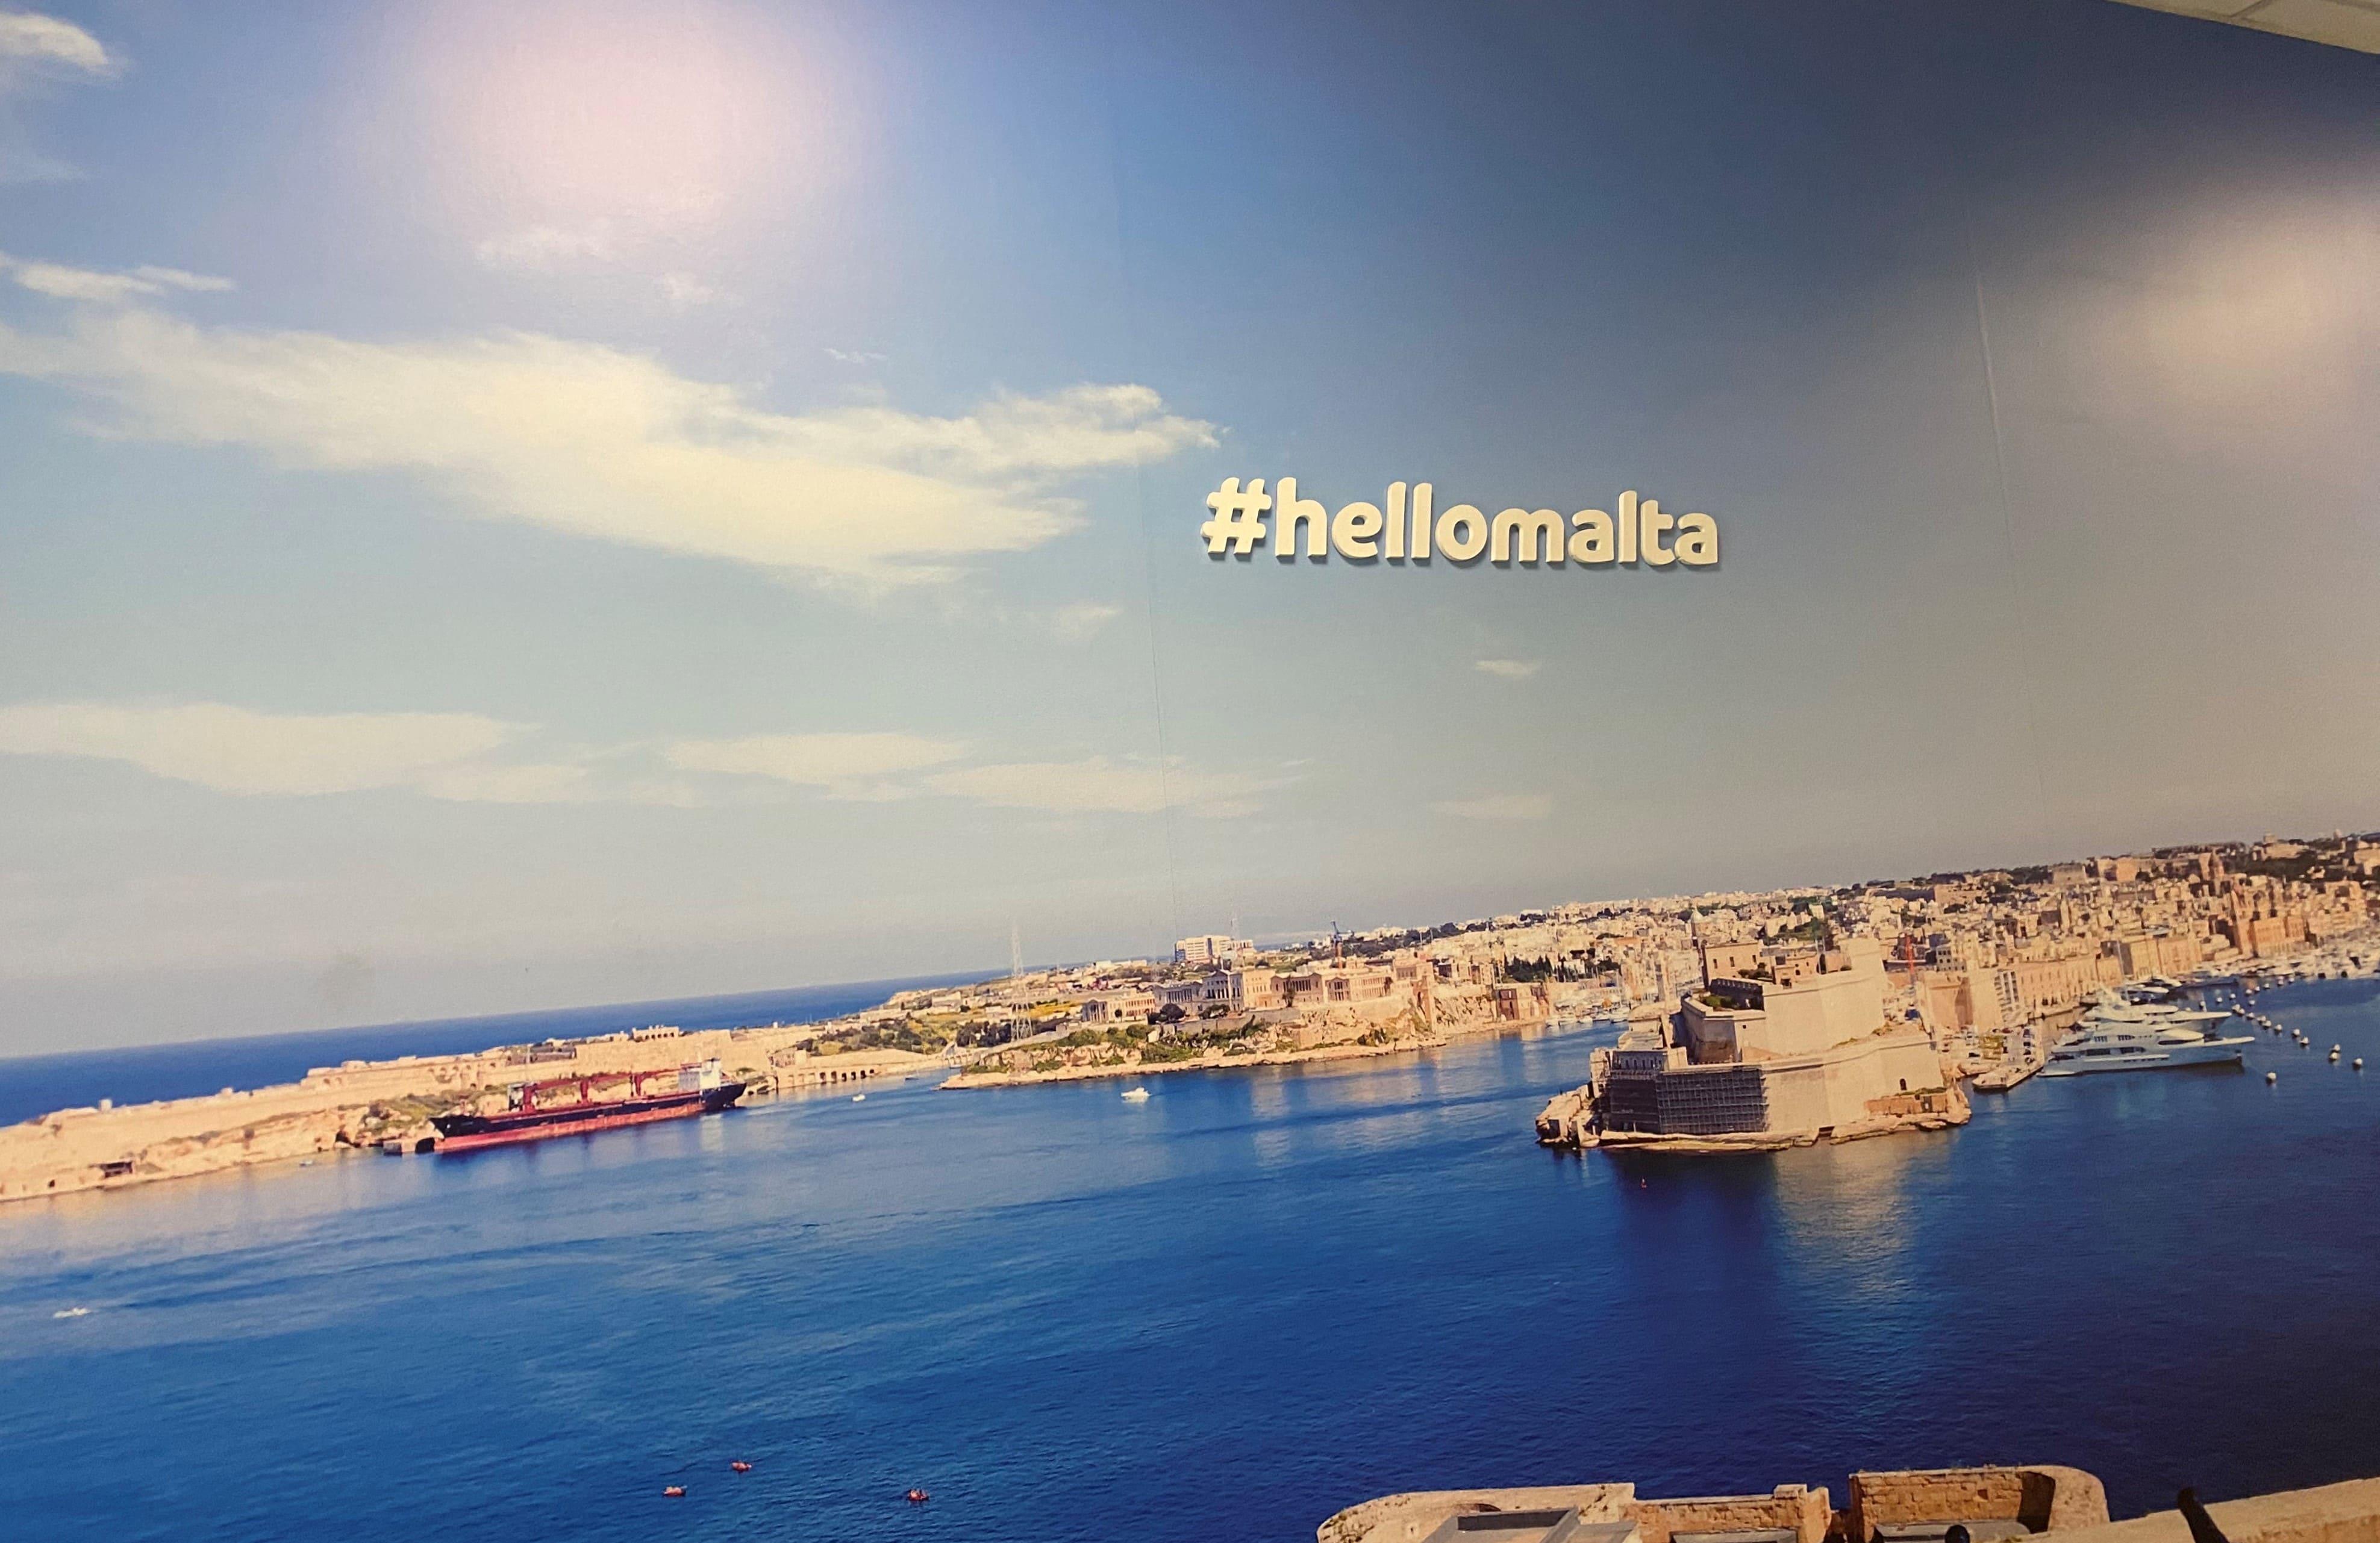 マルタ留学 9月23日 無事、マルタに到着! | 代々木グローバル高等学院[公式]